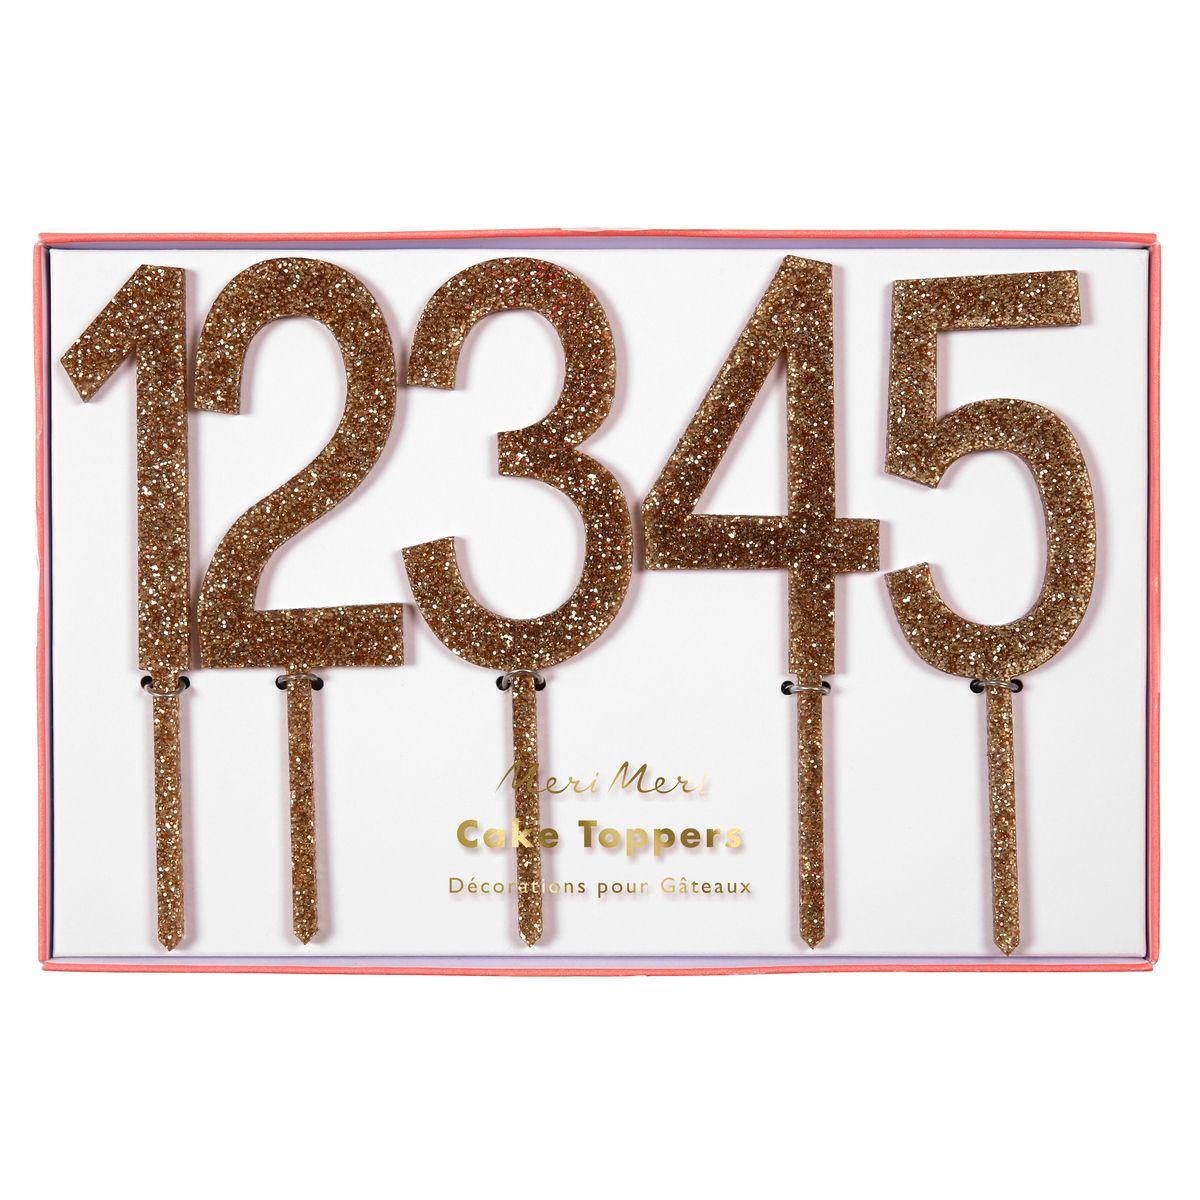 Décor de gâteau : 10 chiffres en acrylique dorés - Meri Meri